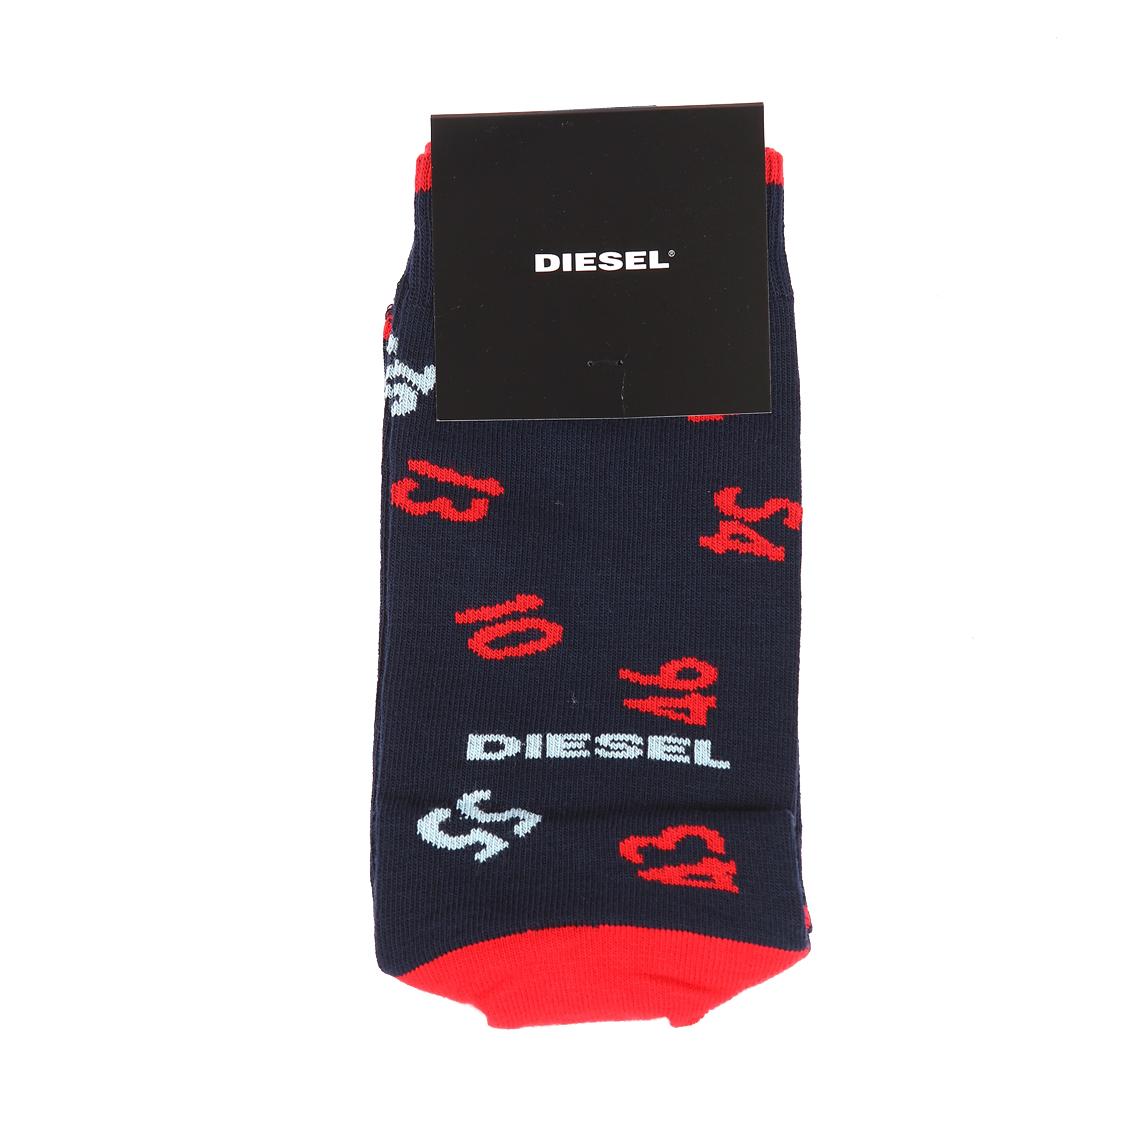 Chaussettes diesel en coton mélangé stretch bleu marine à motifs rouges et bleus